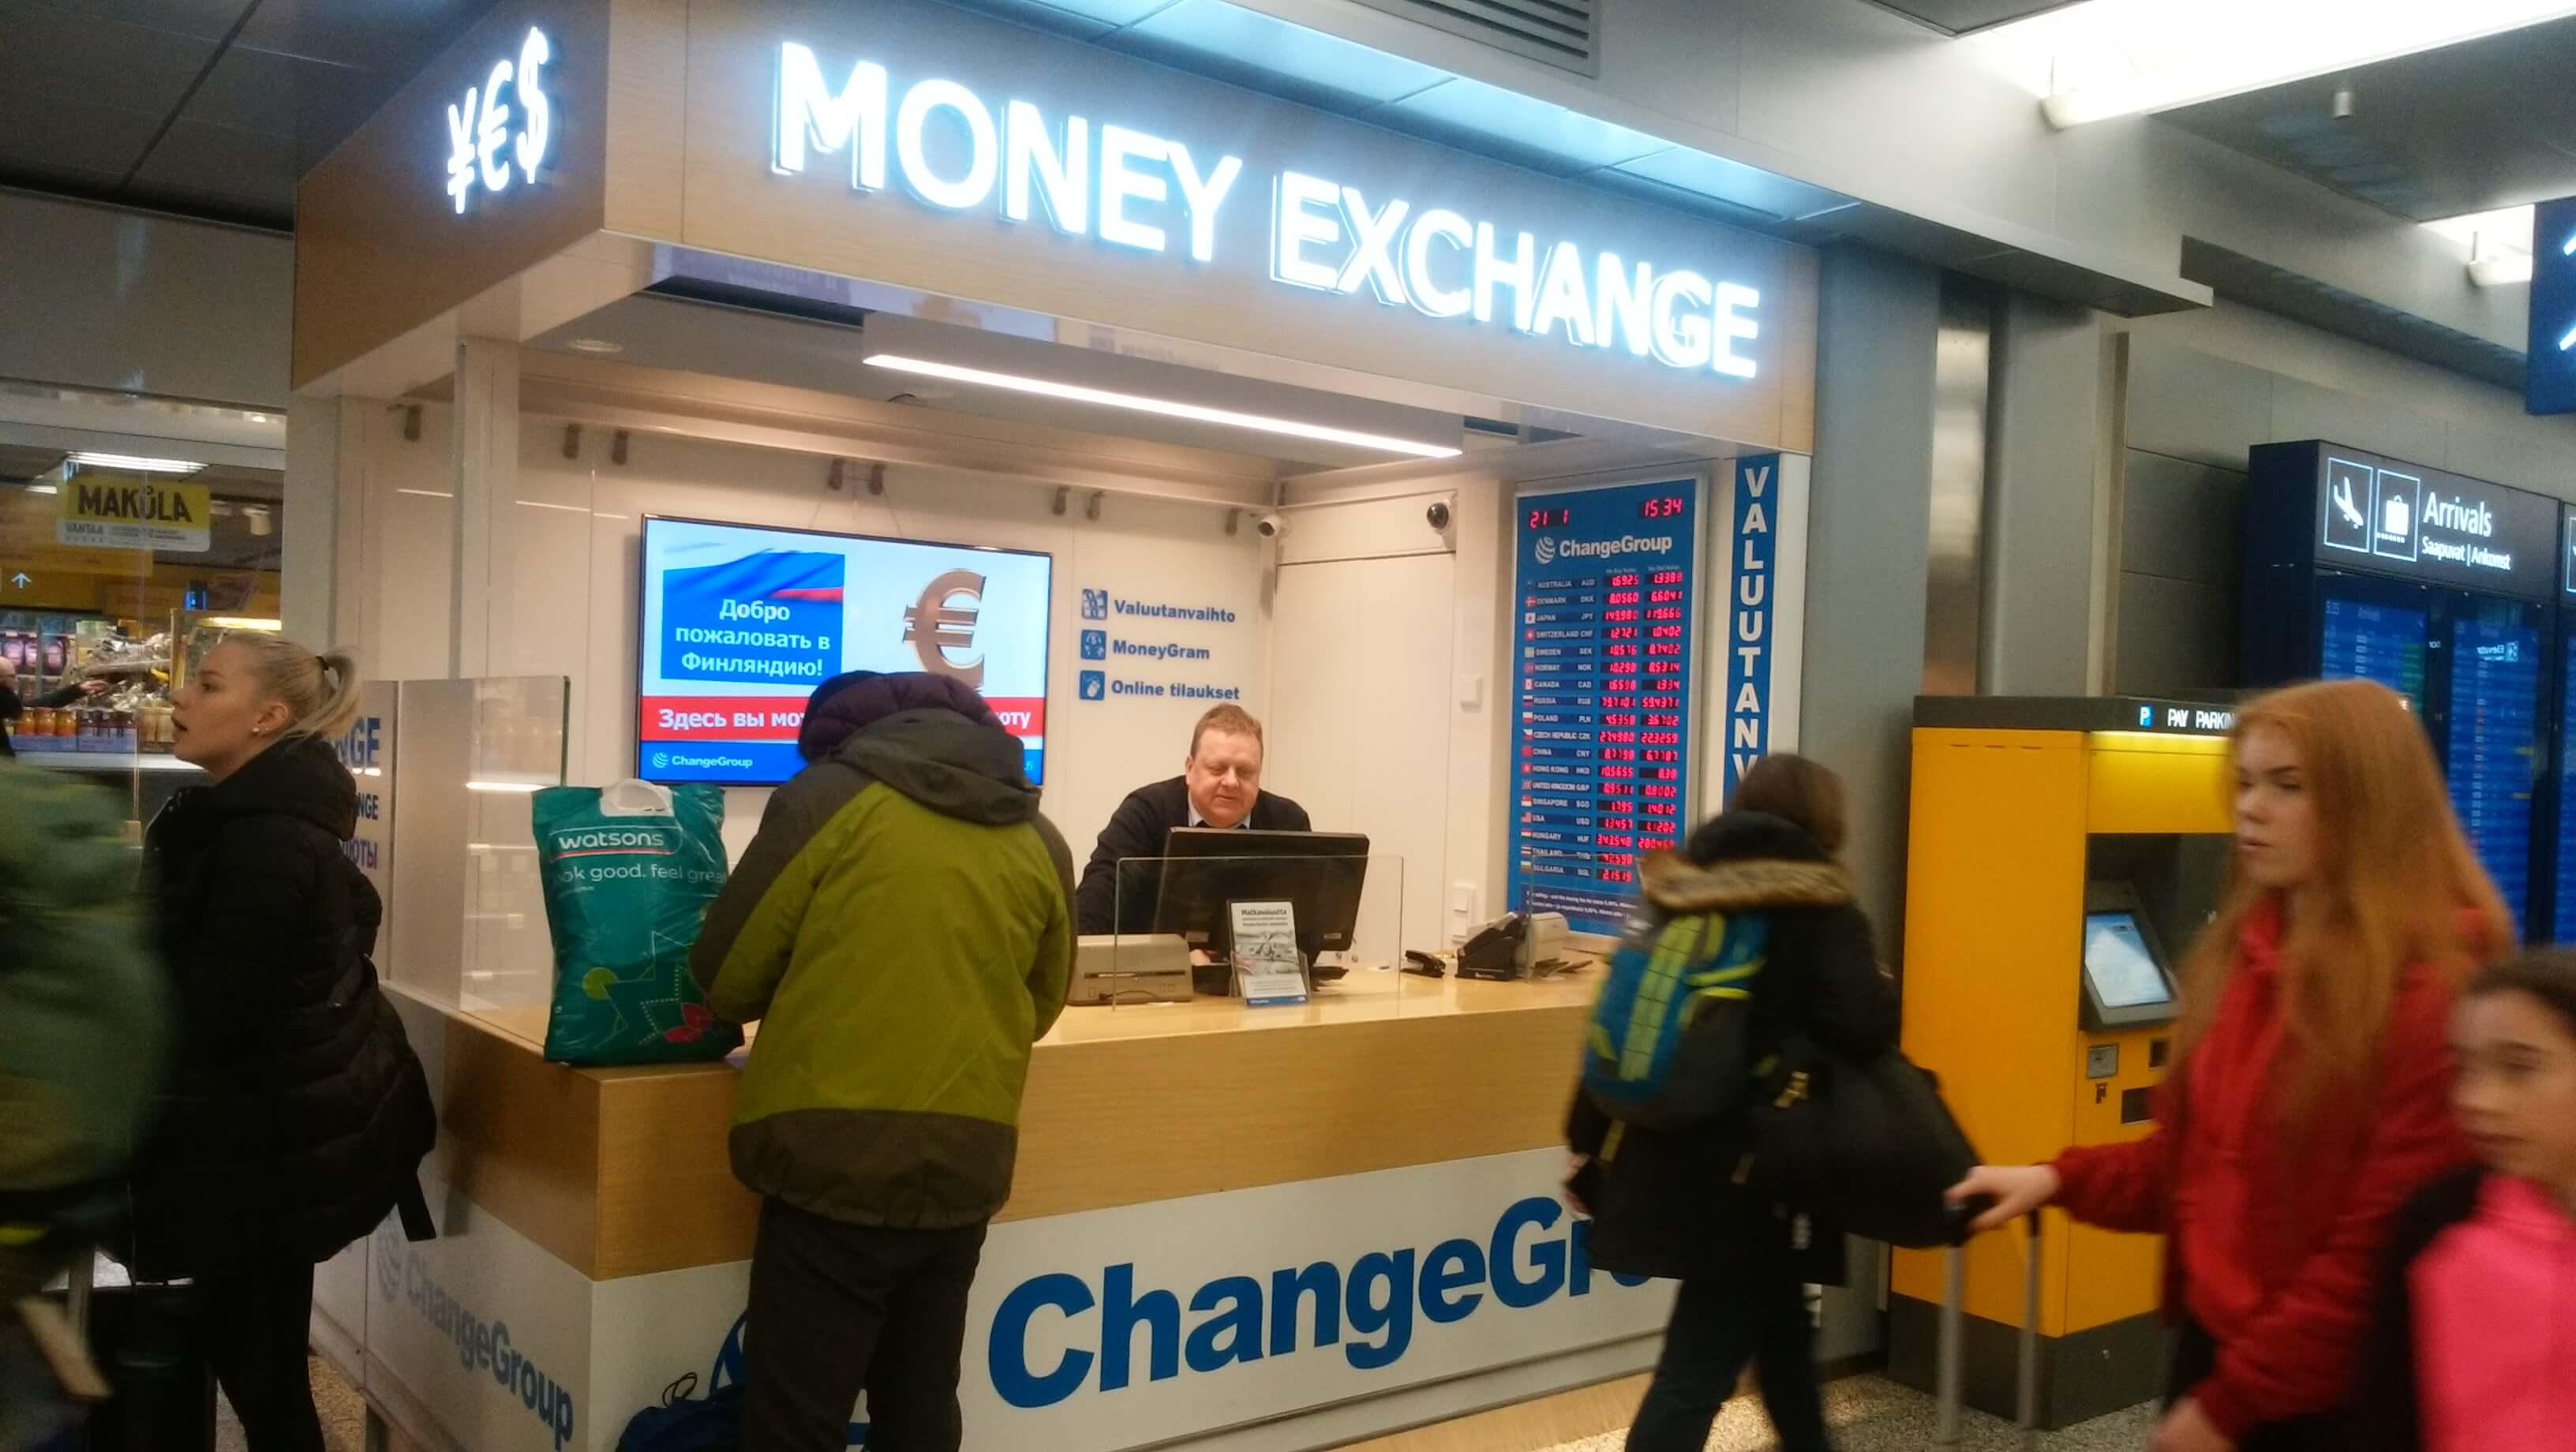 ヘルシンキ・ヴァンダー空港の両替所。日本円からユーロへは149.6円、ユーロから円へは119円で両替できる